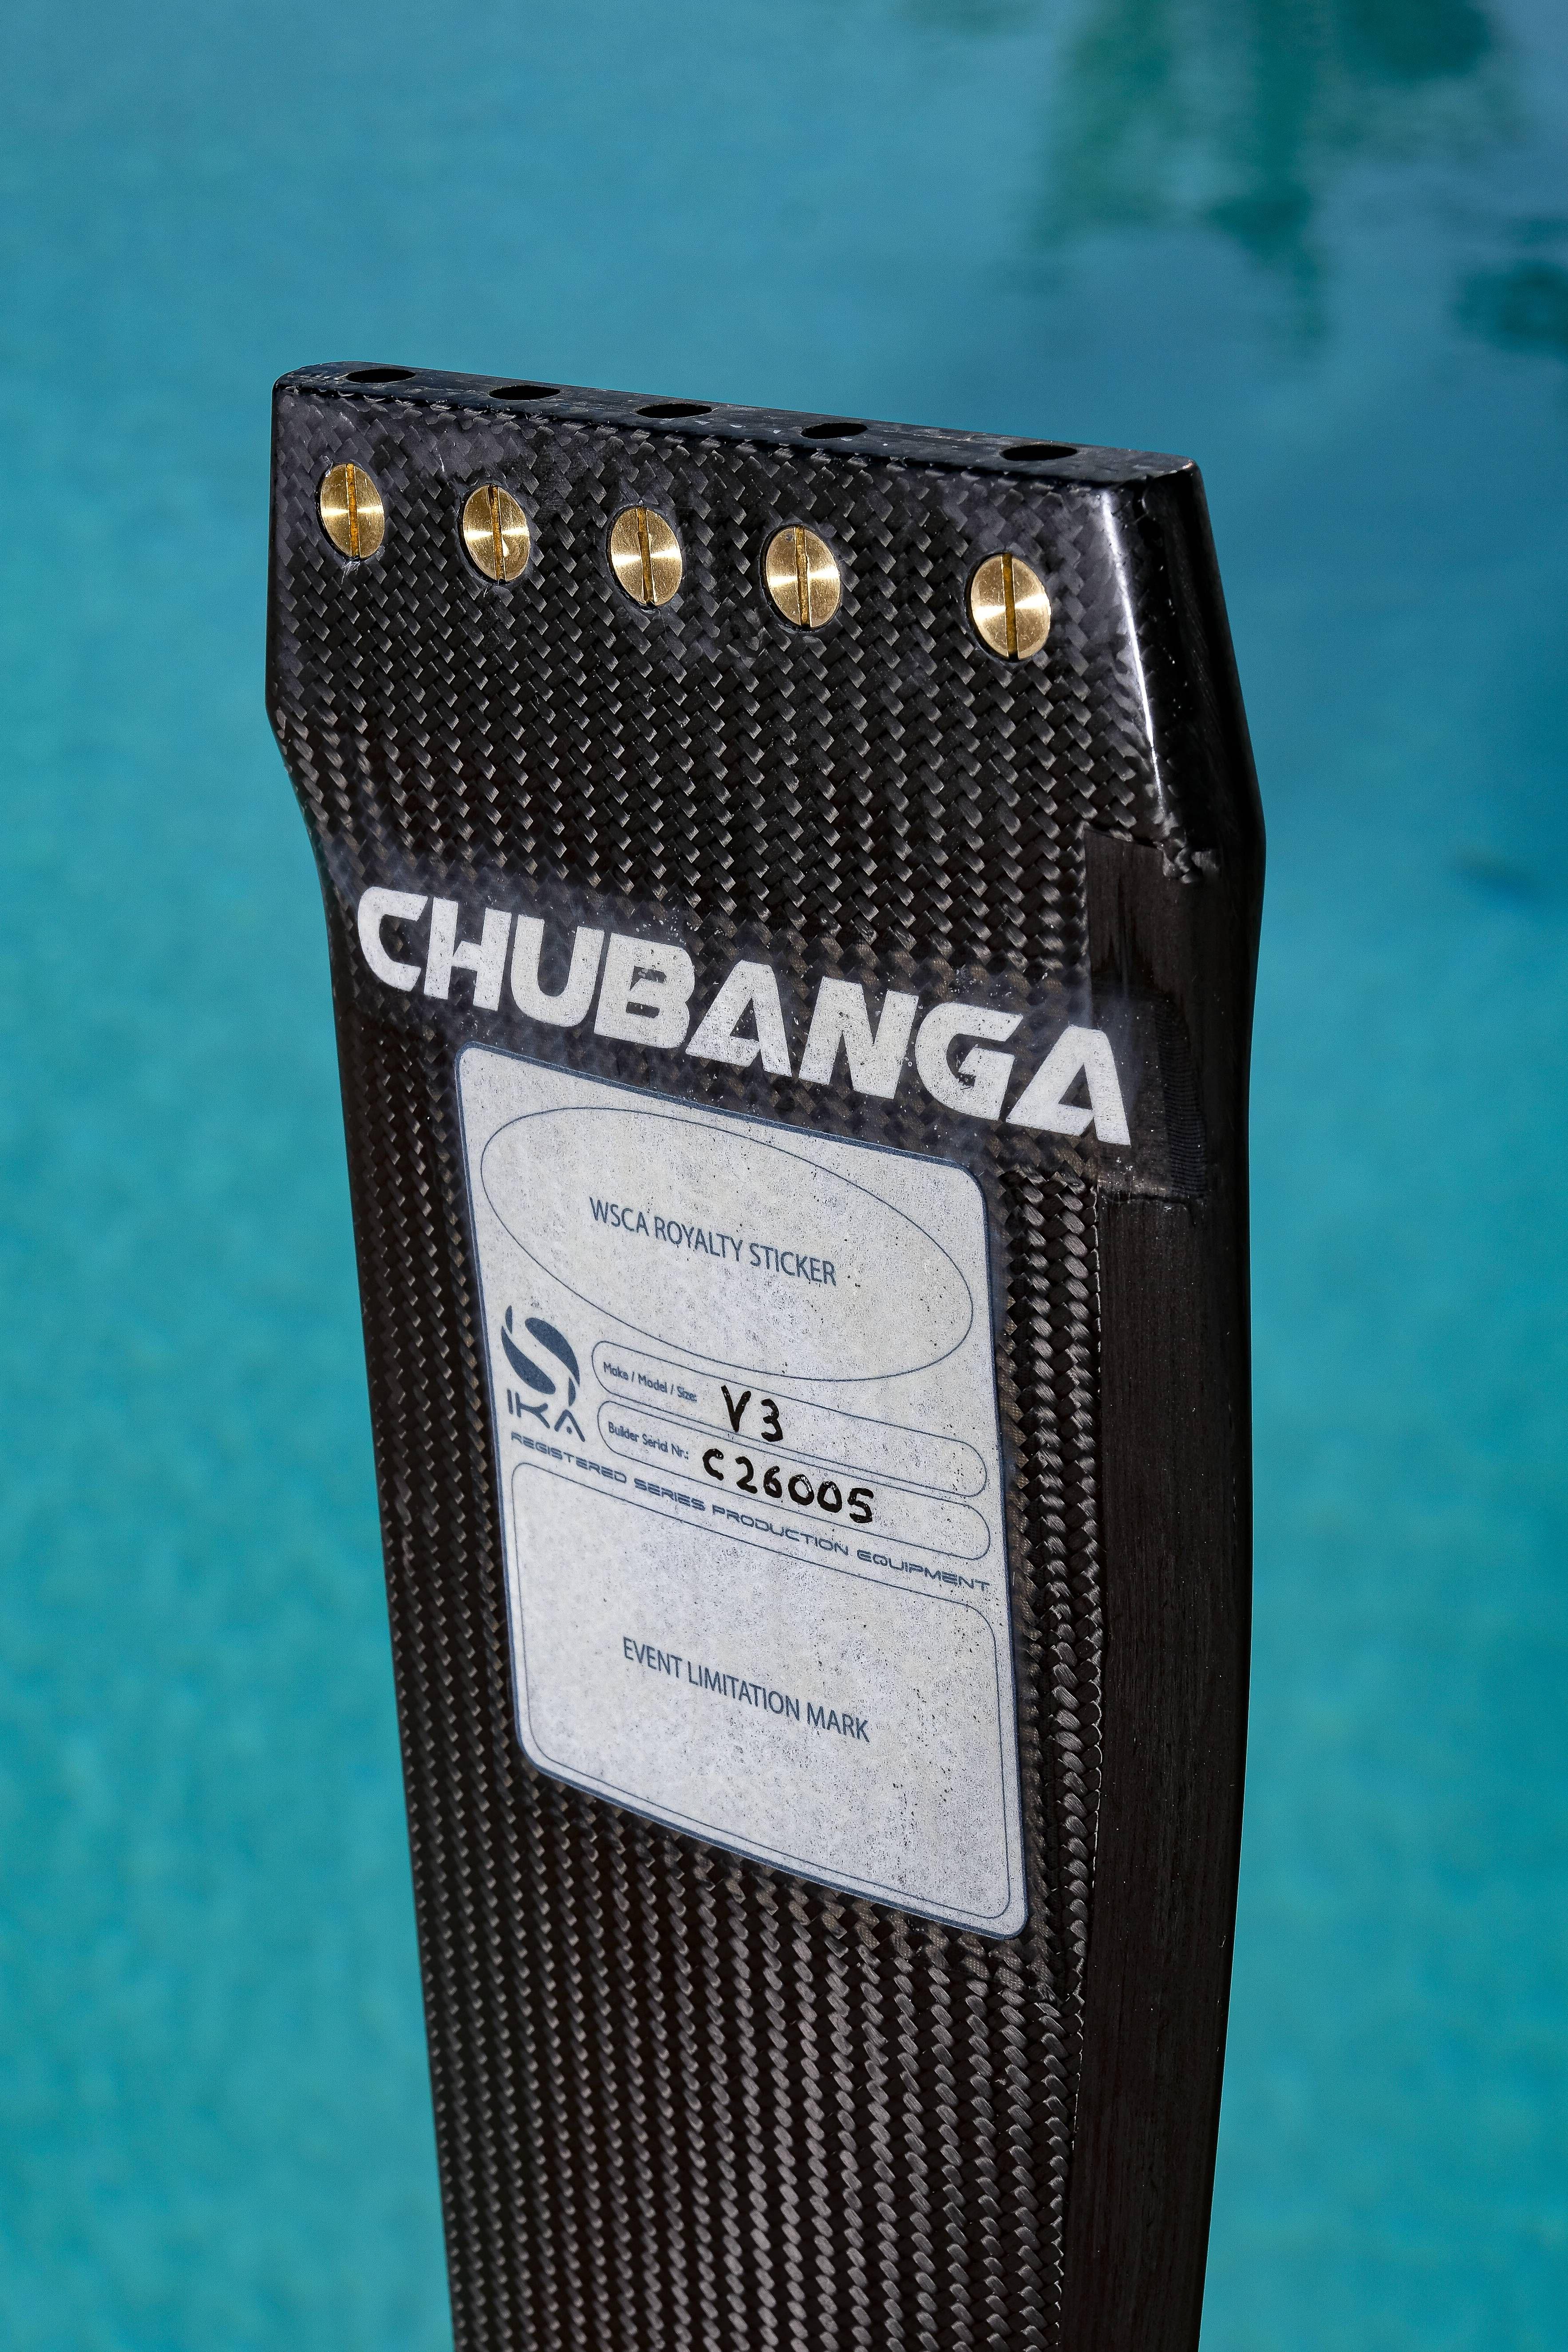 Chubanga-0112